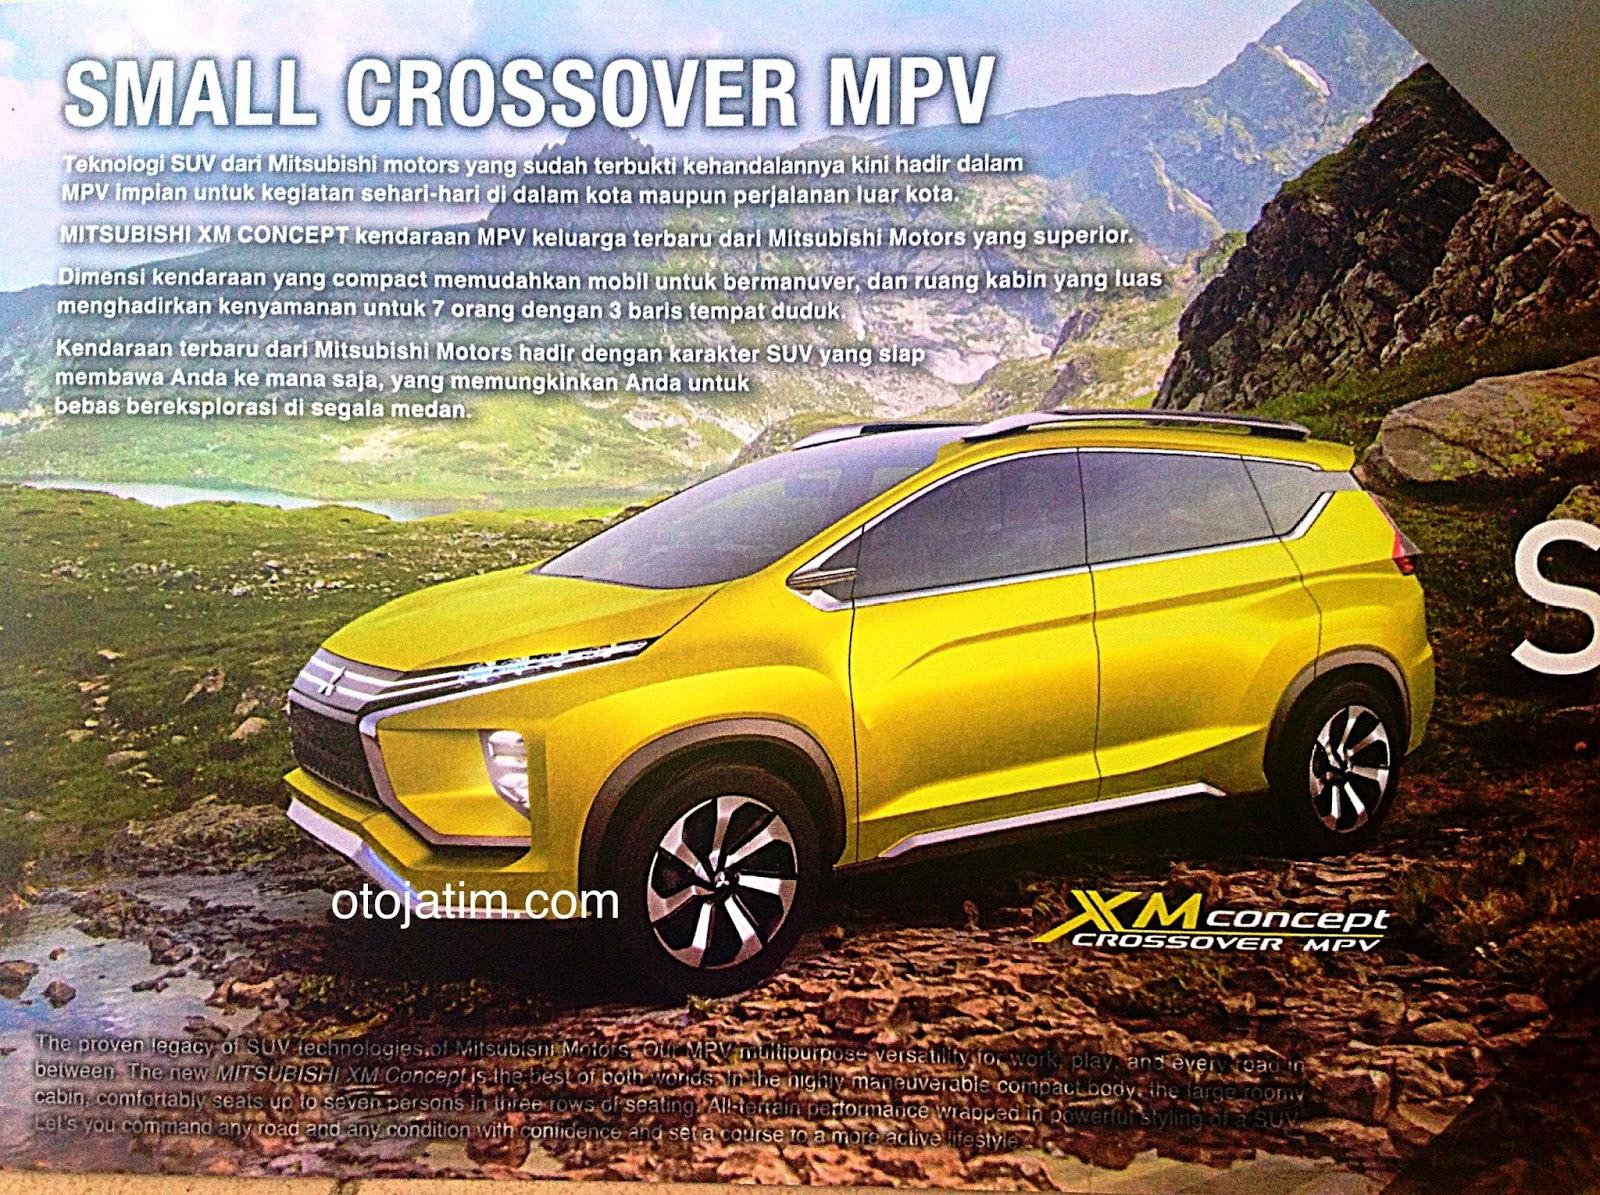 Wah Keren Brosur Mitsubishi XM Concept Sudah Beredar Berita